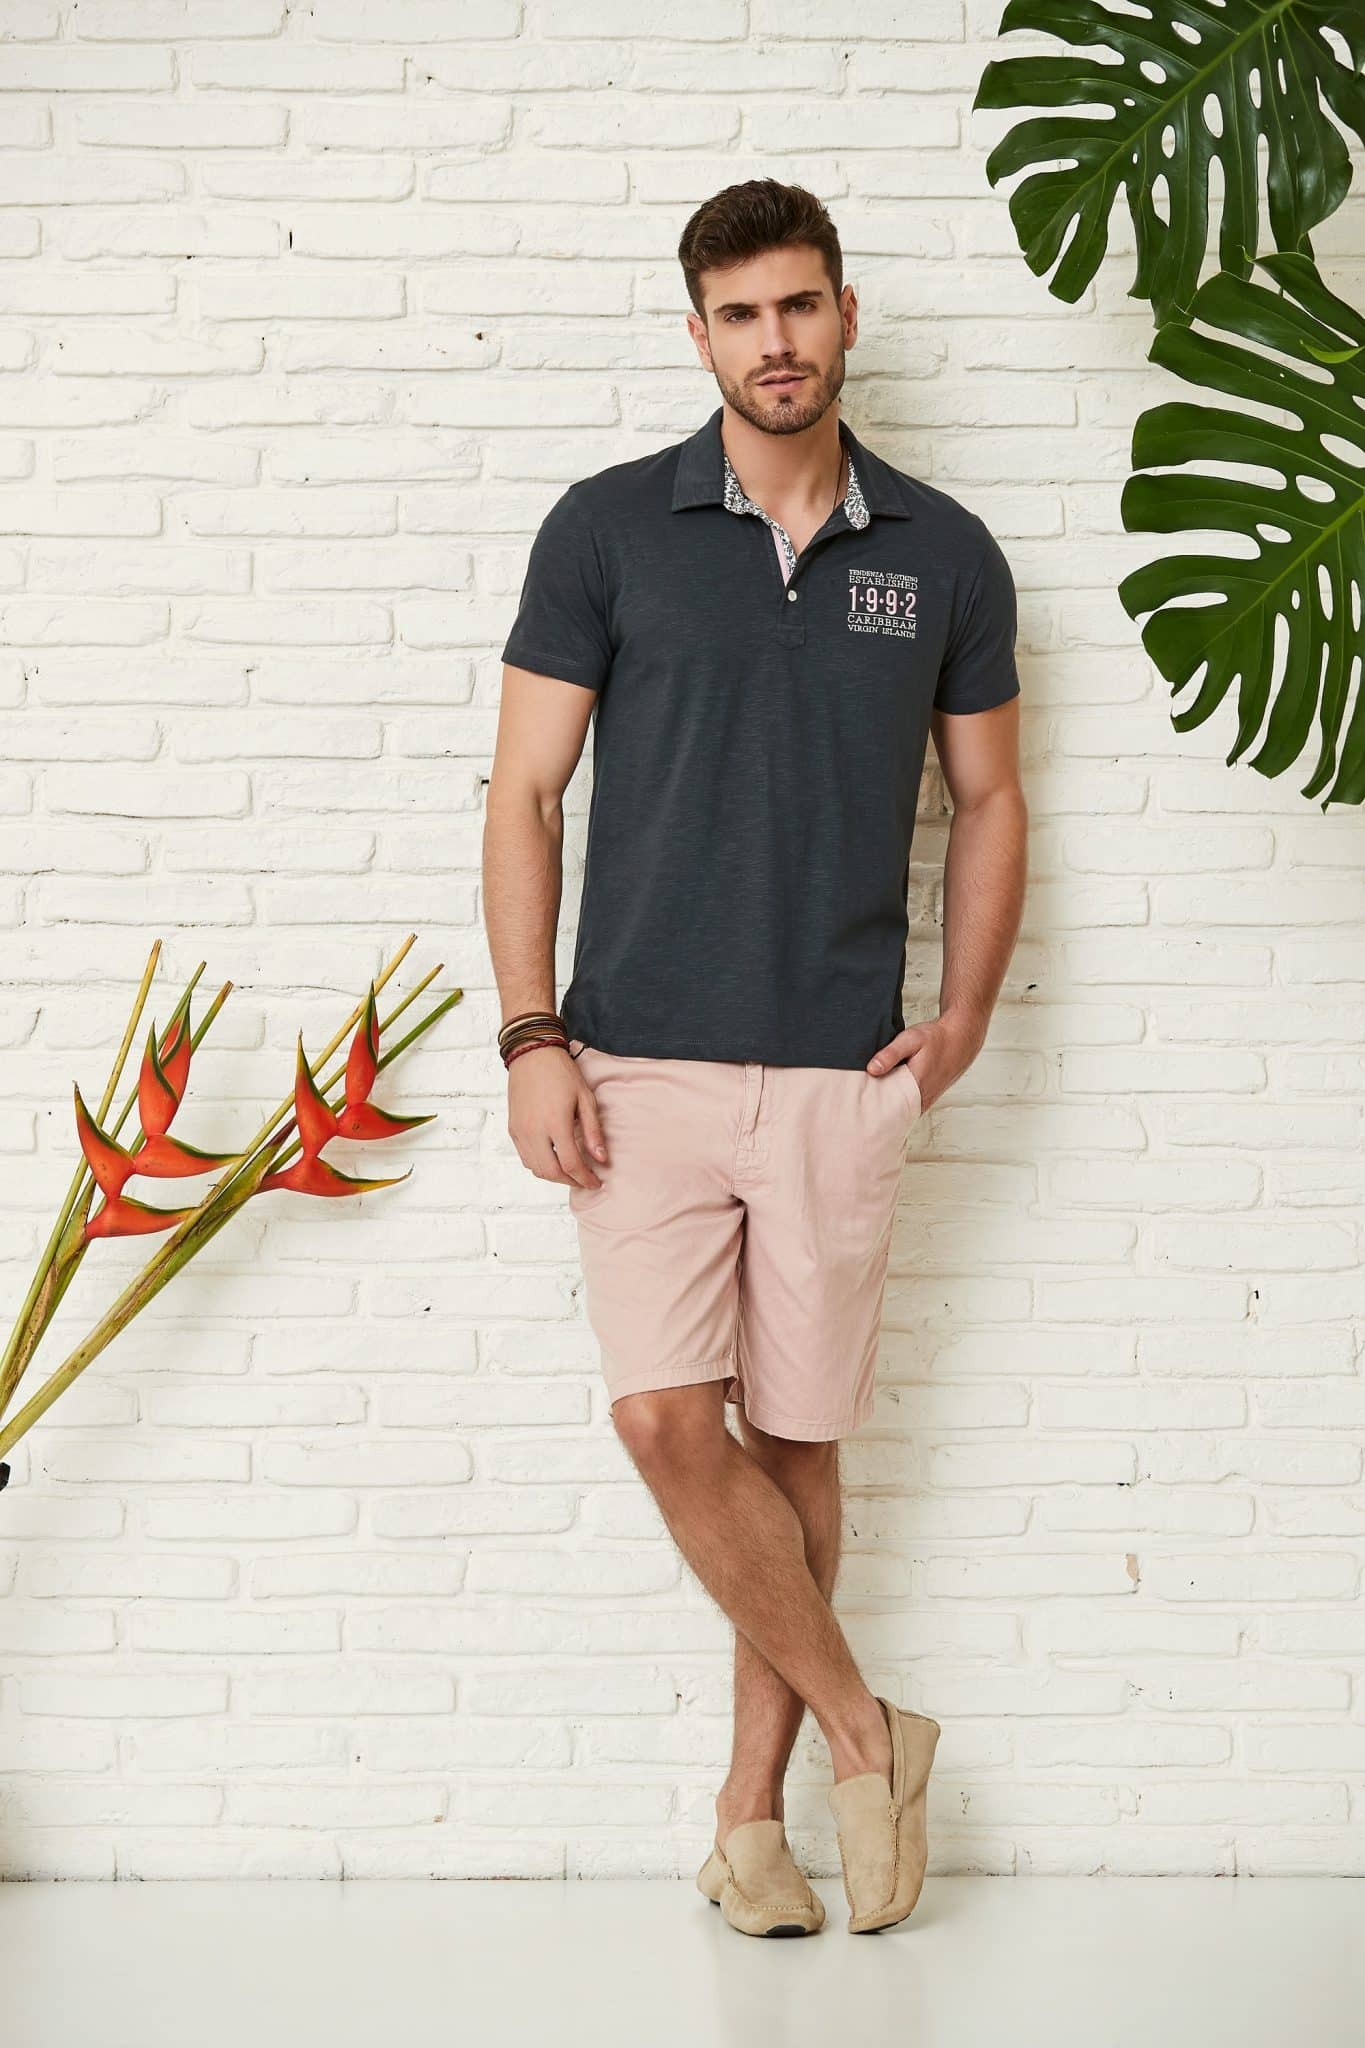 blusa polo cinza combinada com bermuda rosê